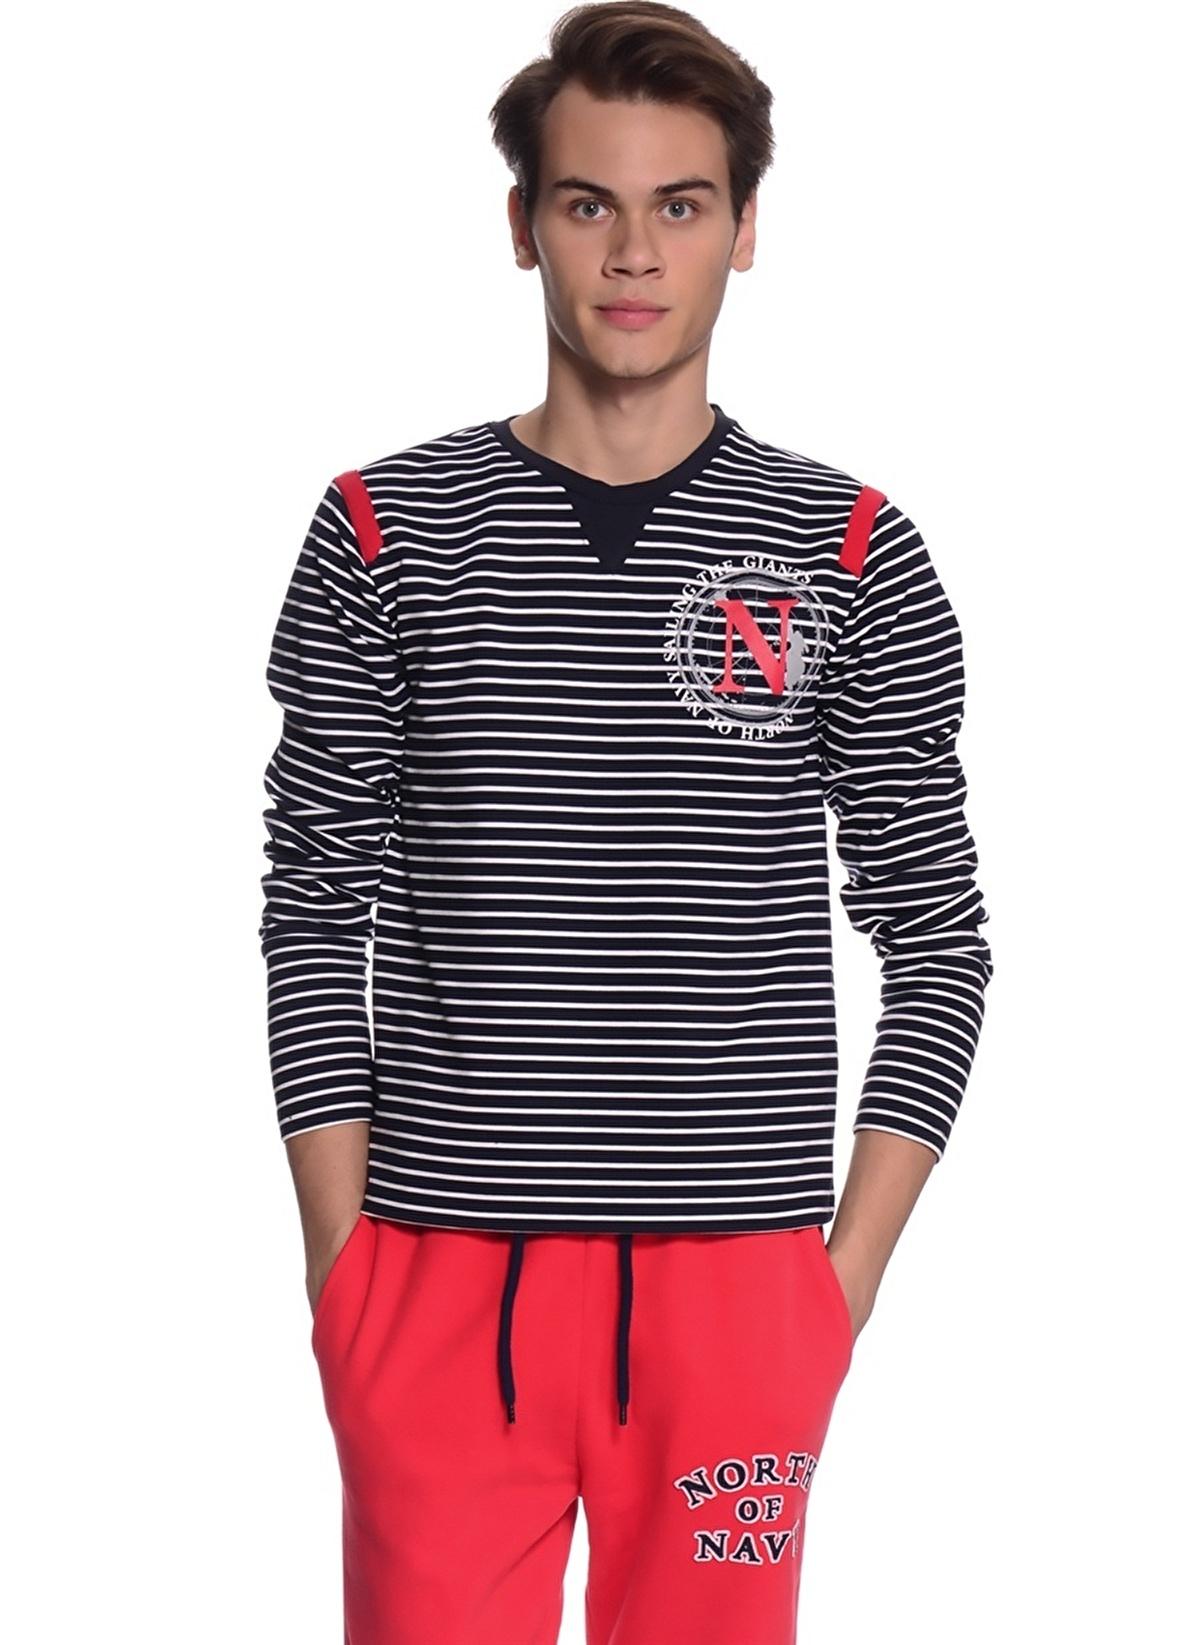 North Of Navy Tişört 62isk Komi T-shirt – 44.99 TL